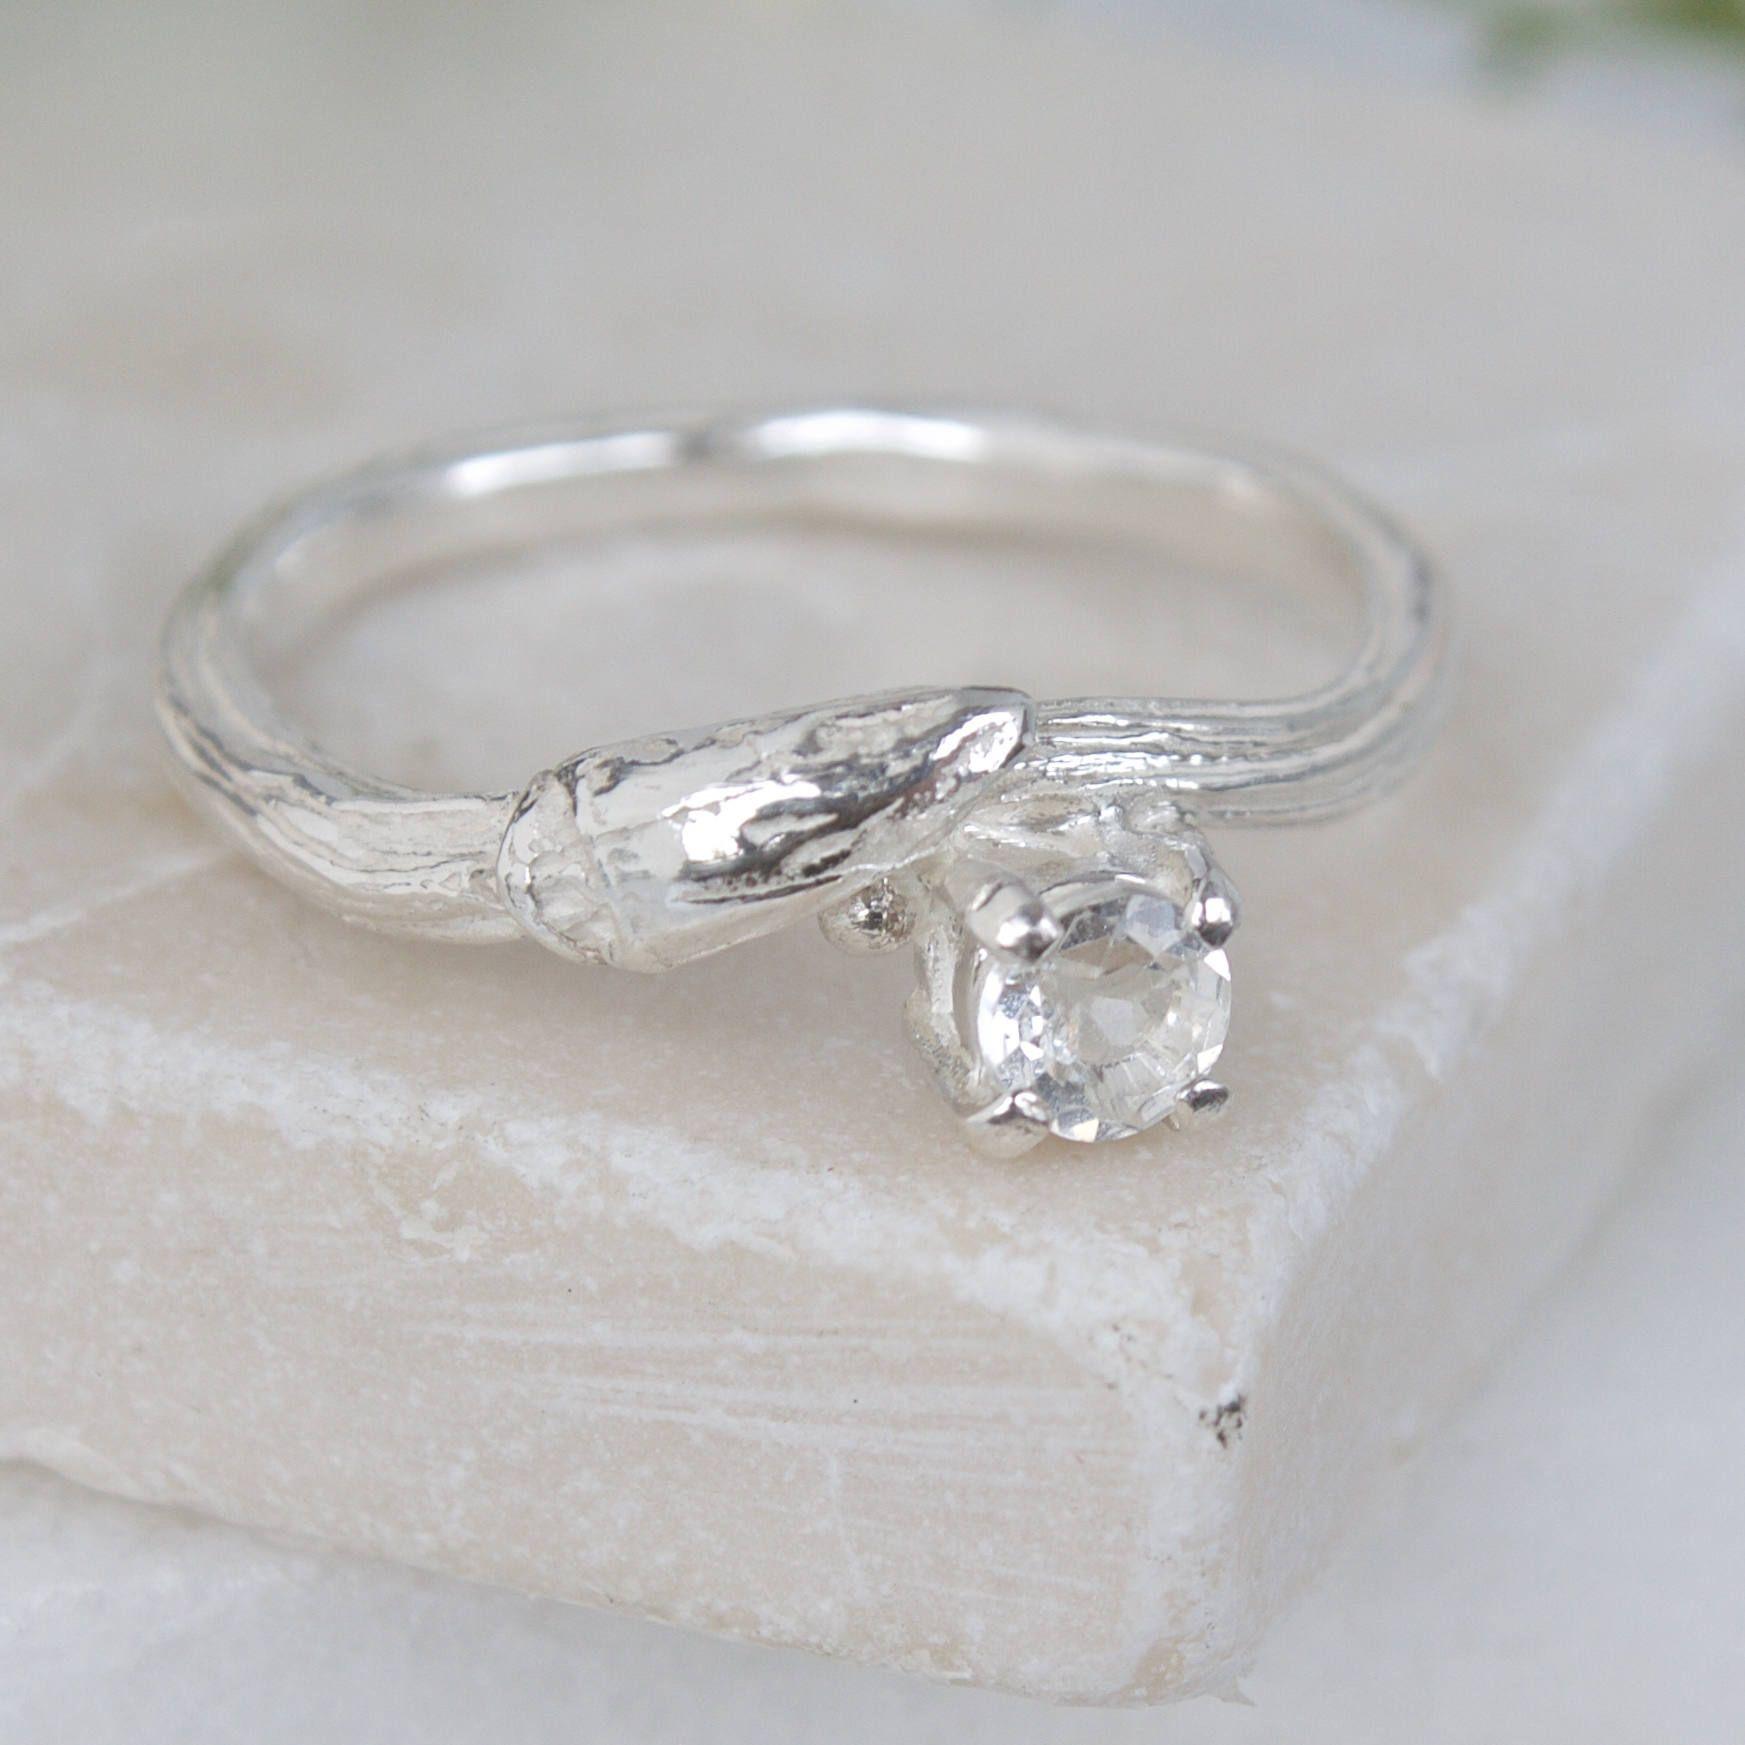 Willow Twig RingWoodland RingTopaz Engagement RingNine